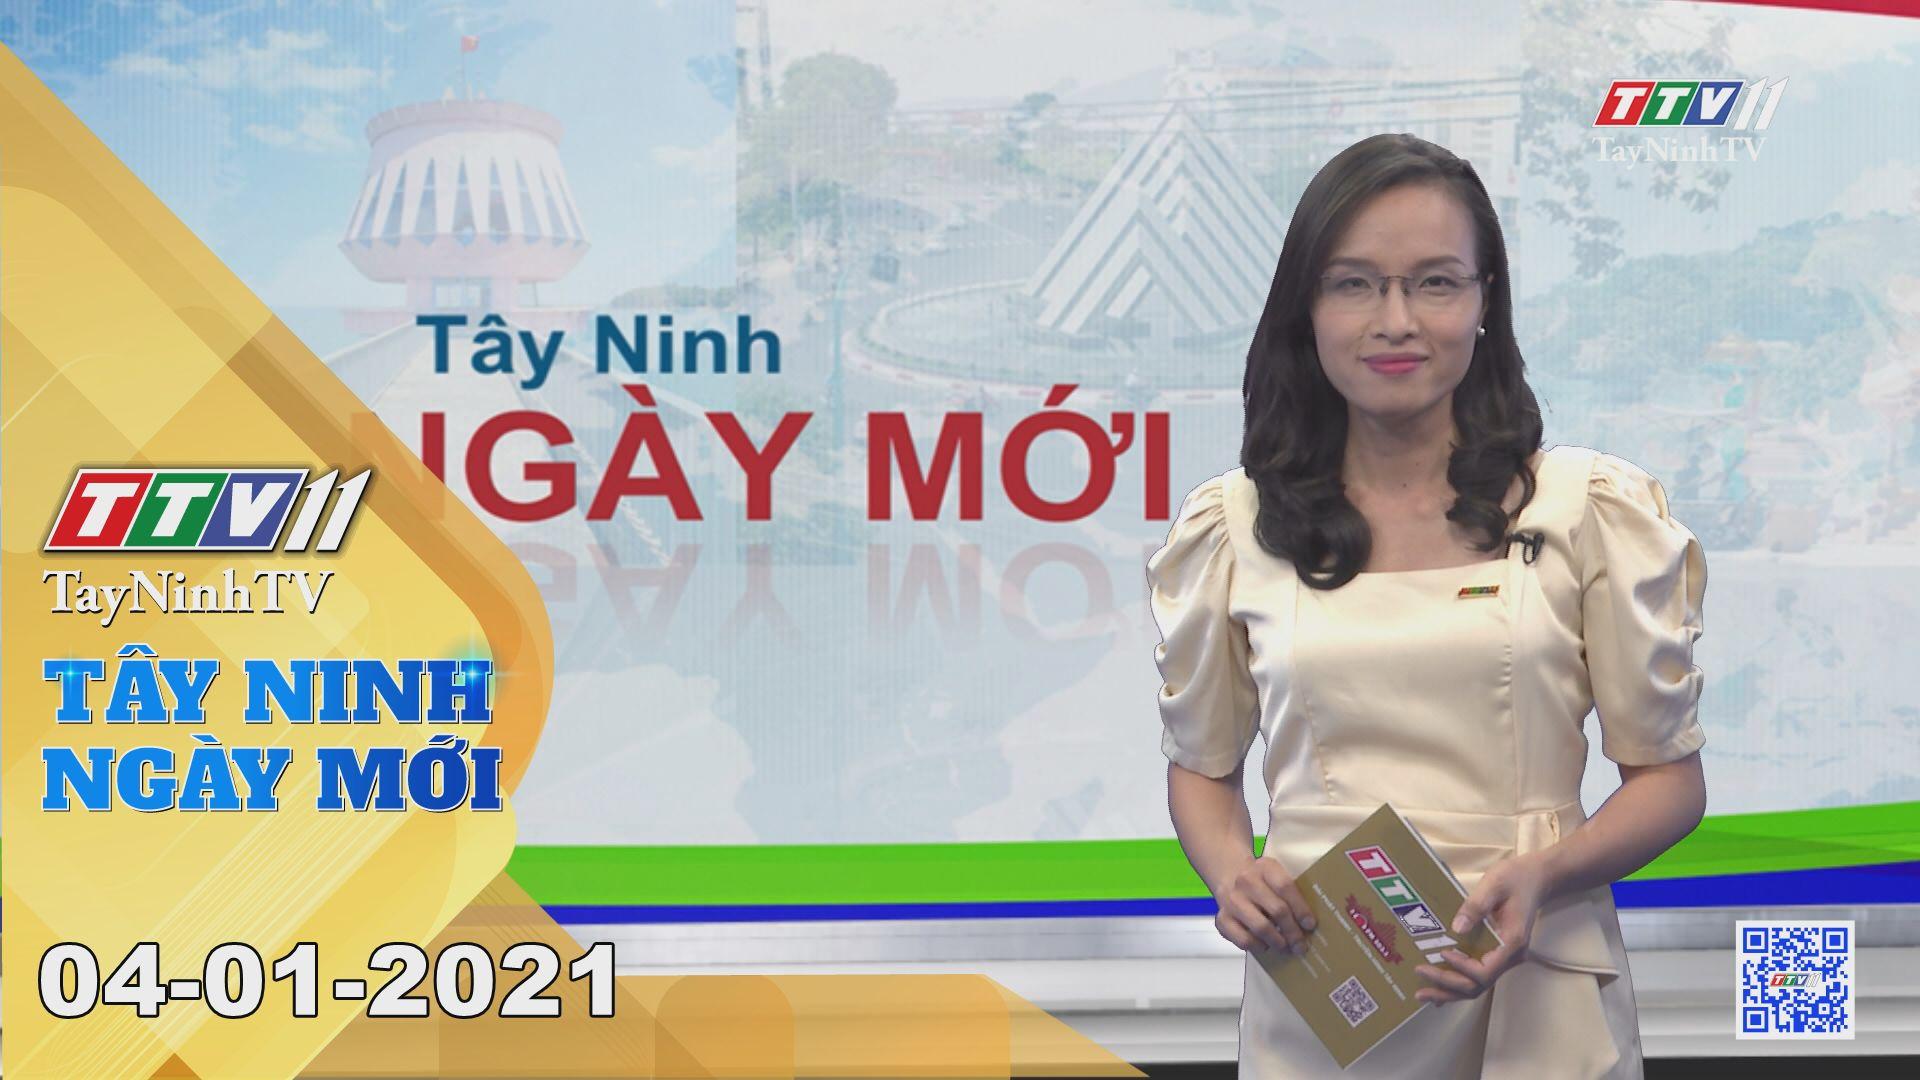 Tây Ninh Ngày Mới 04-01-2021 | Tin tức hôm nay | TayNinhTV